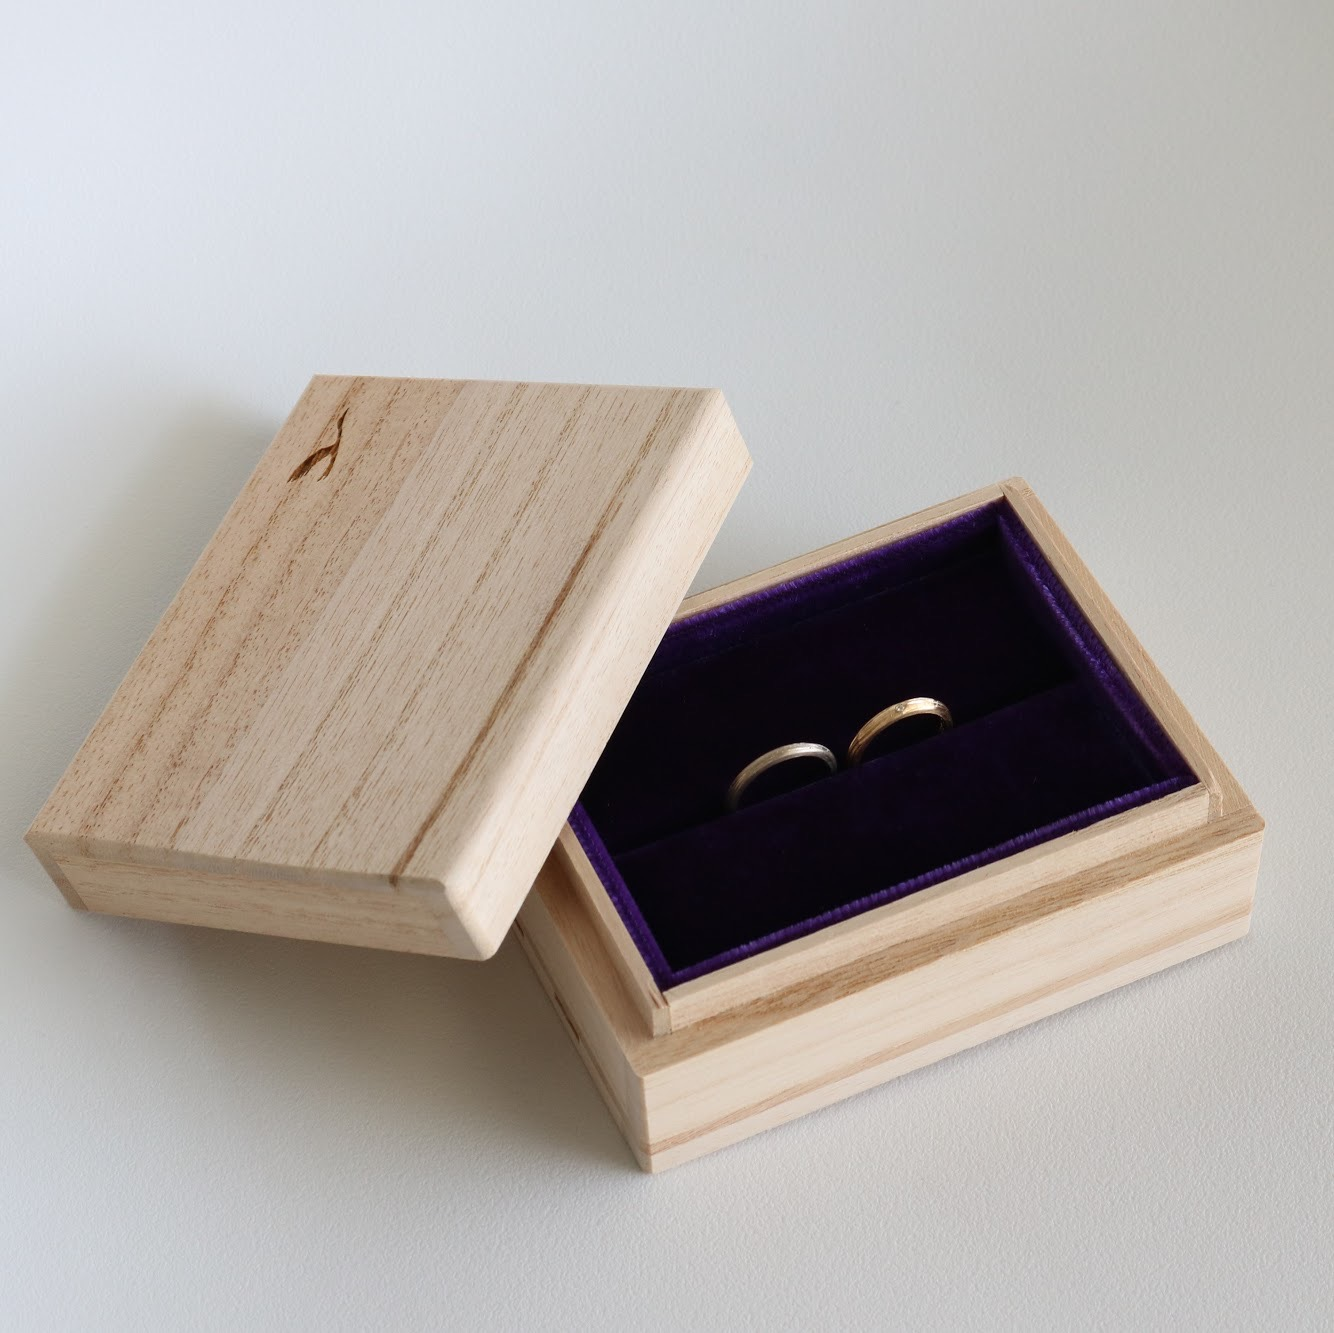 結婚指輪の木箱